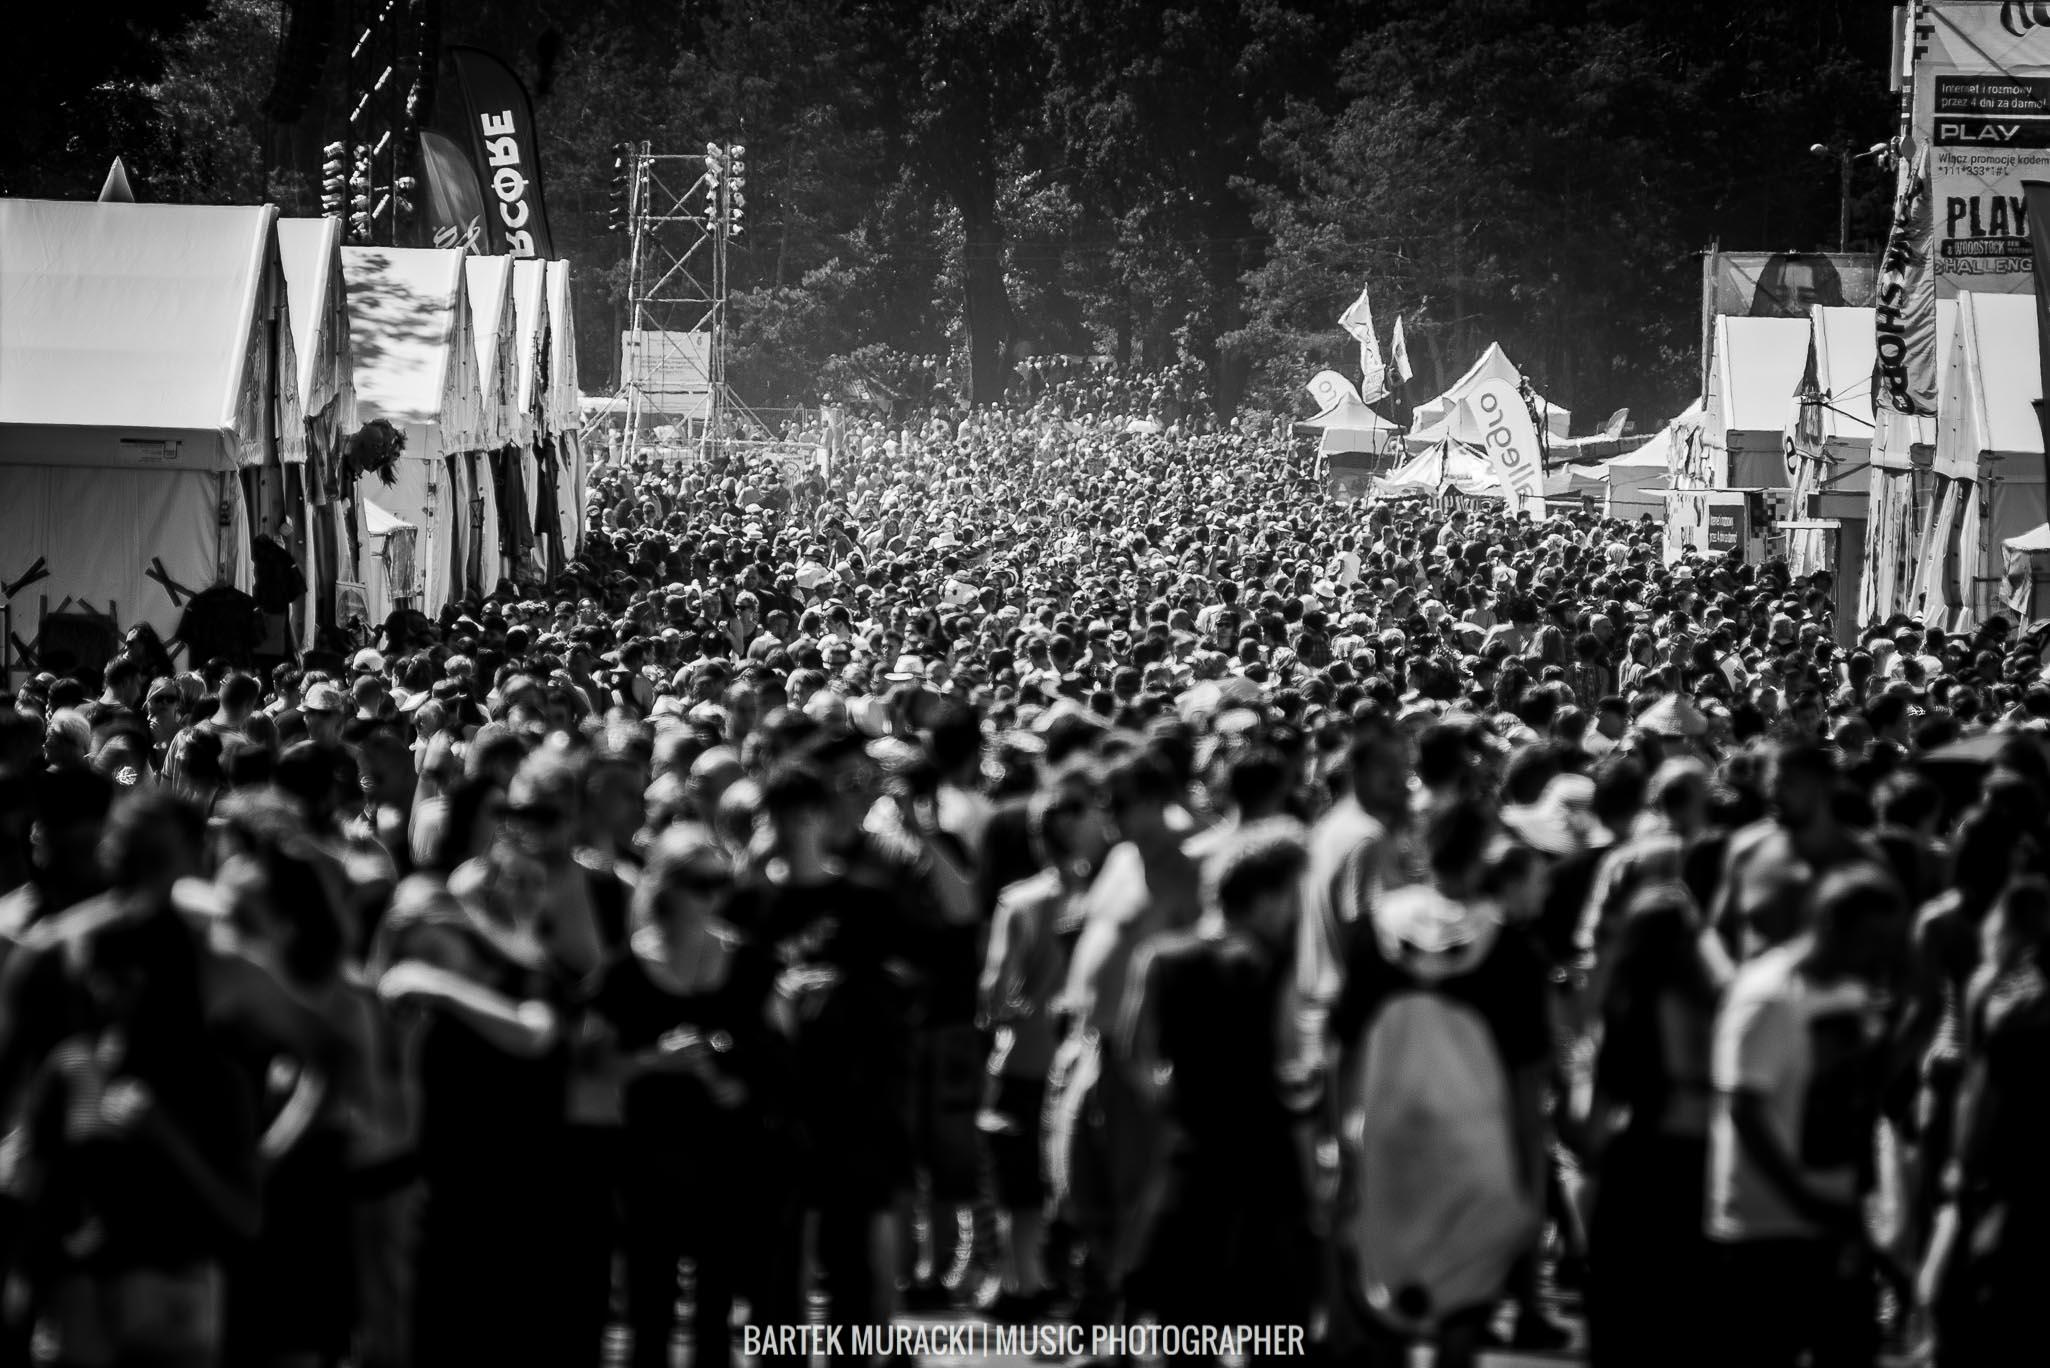 Przystanek-Woodstock-2016-WB-foto-Bartek-Muracki--426303